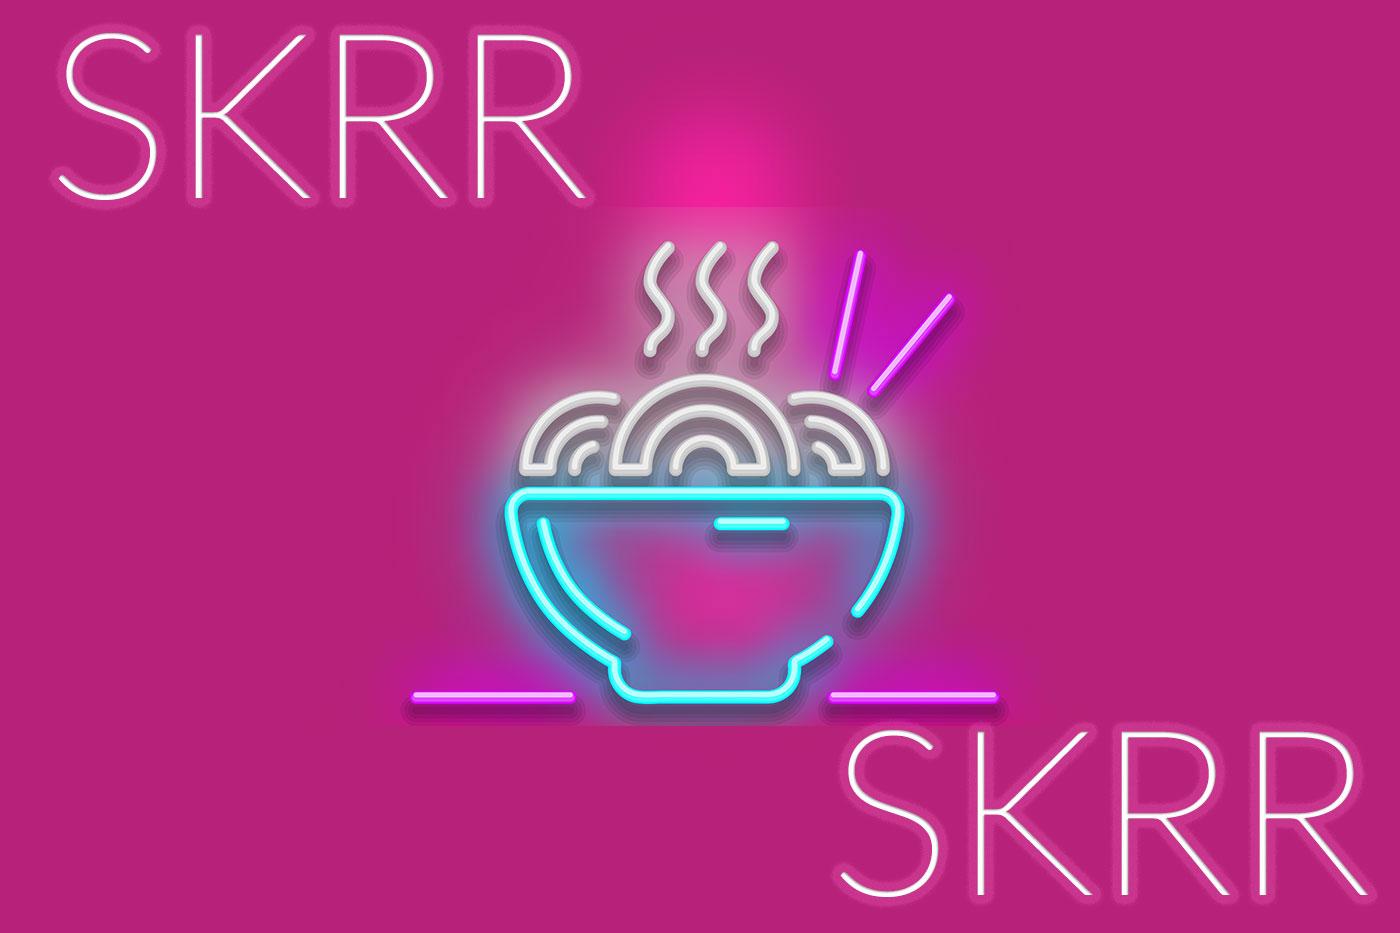 Track: Skrr- 134 BPM